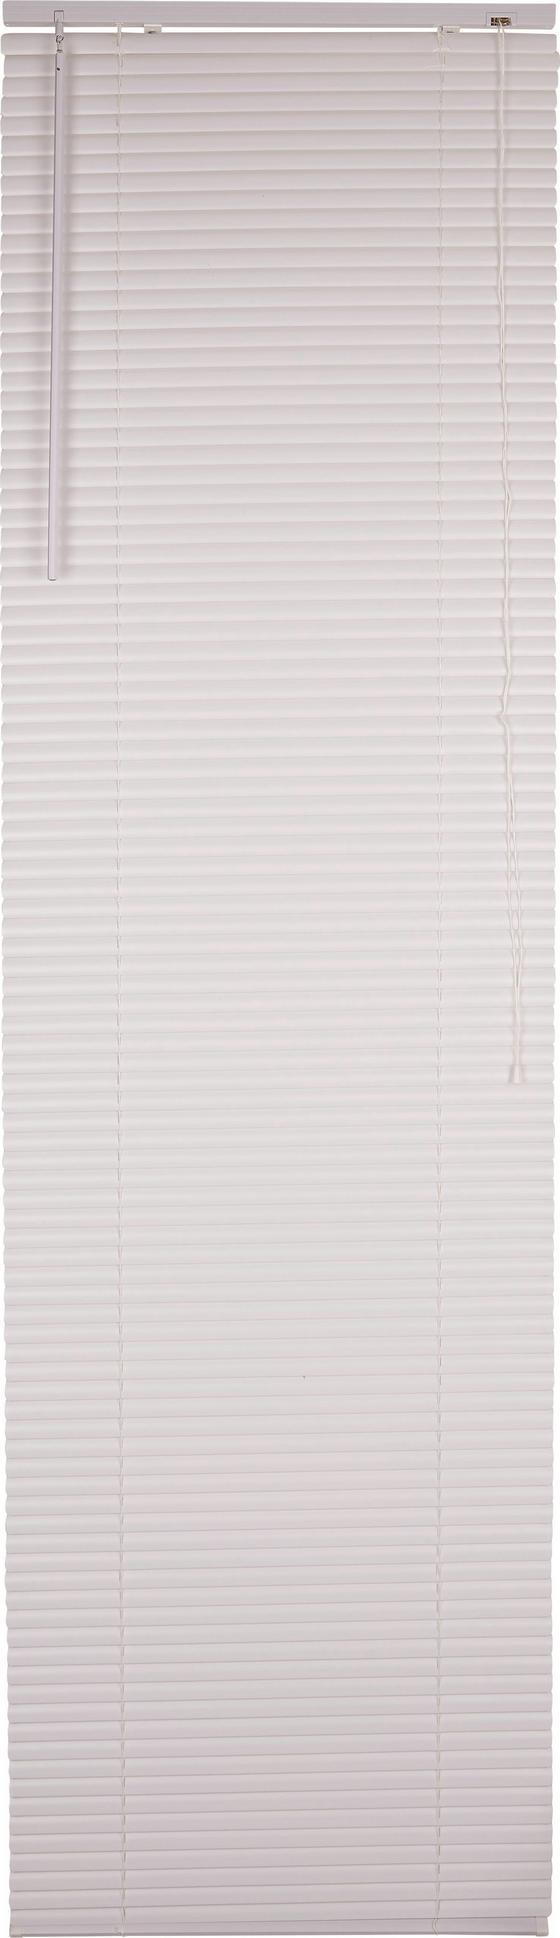 Reluxa Astrid - fehér, konvencionális, műanyag/fém (60/220cm) - OMBRA